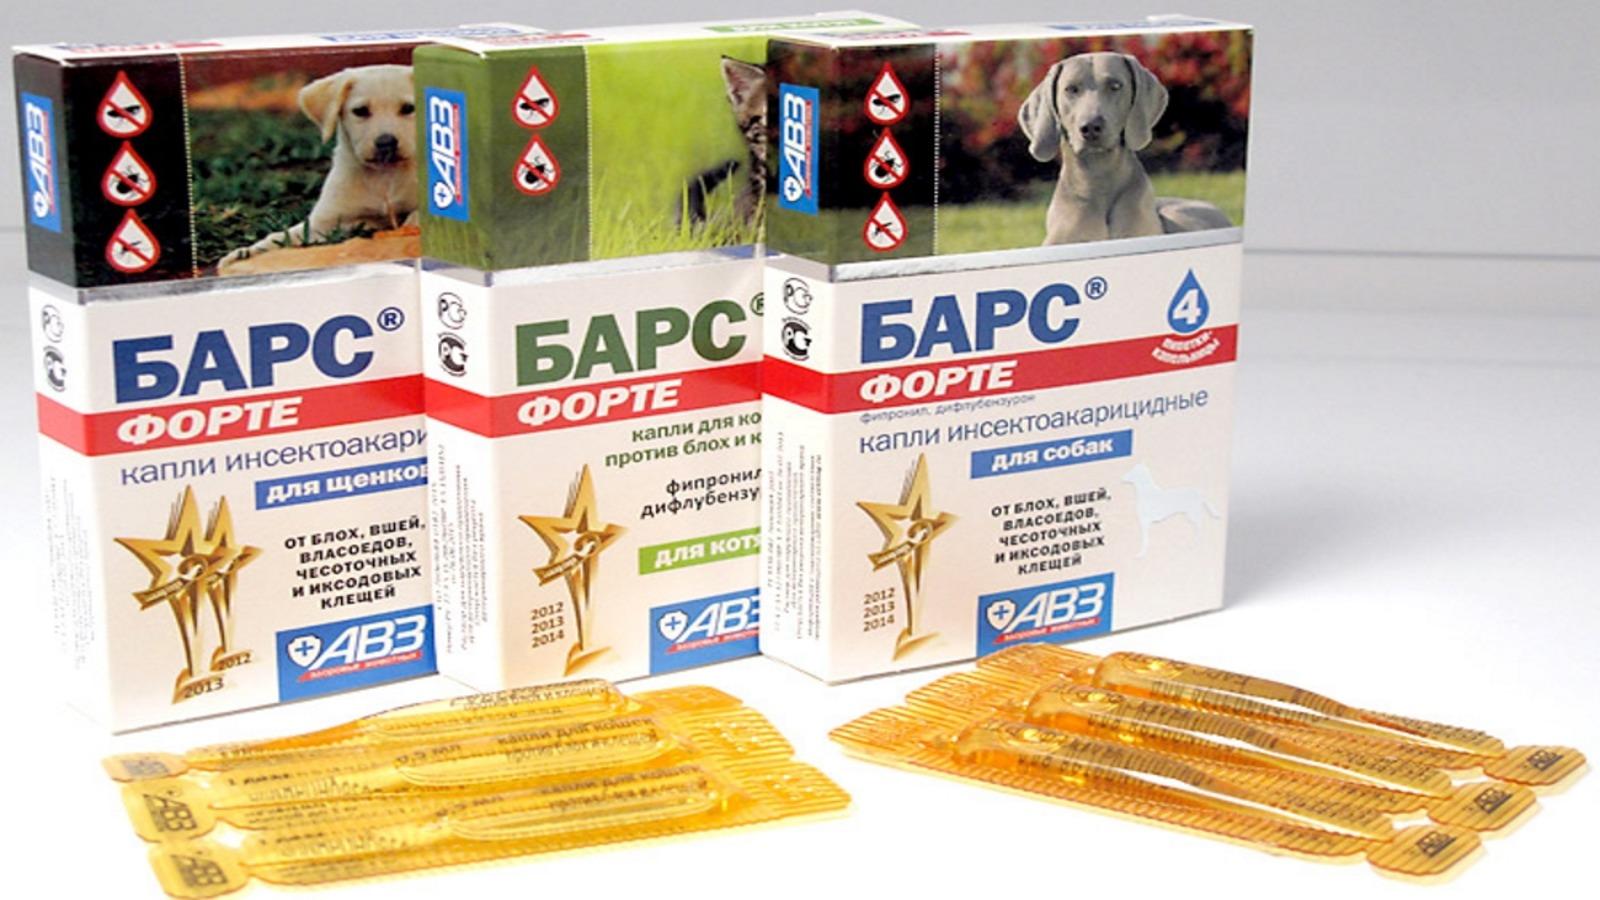 Капли Барс от блох и клещей для собак: назначение, инструкция по применению, состав препарата